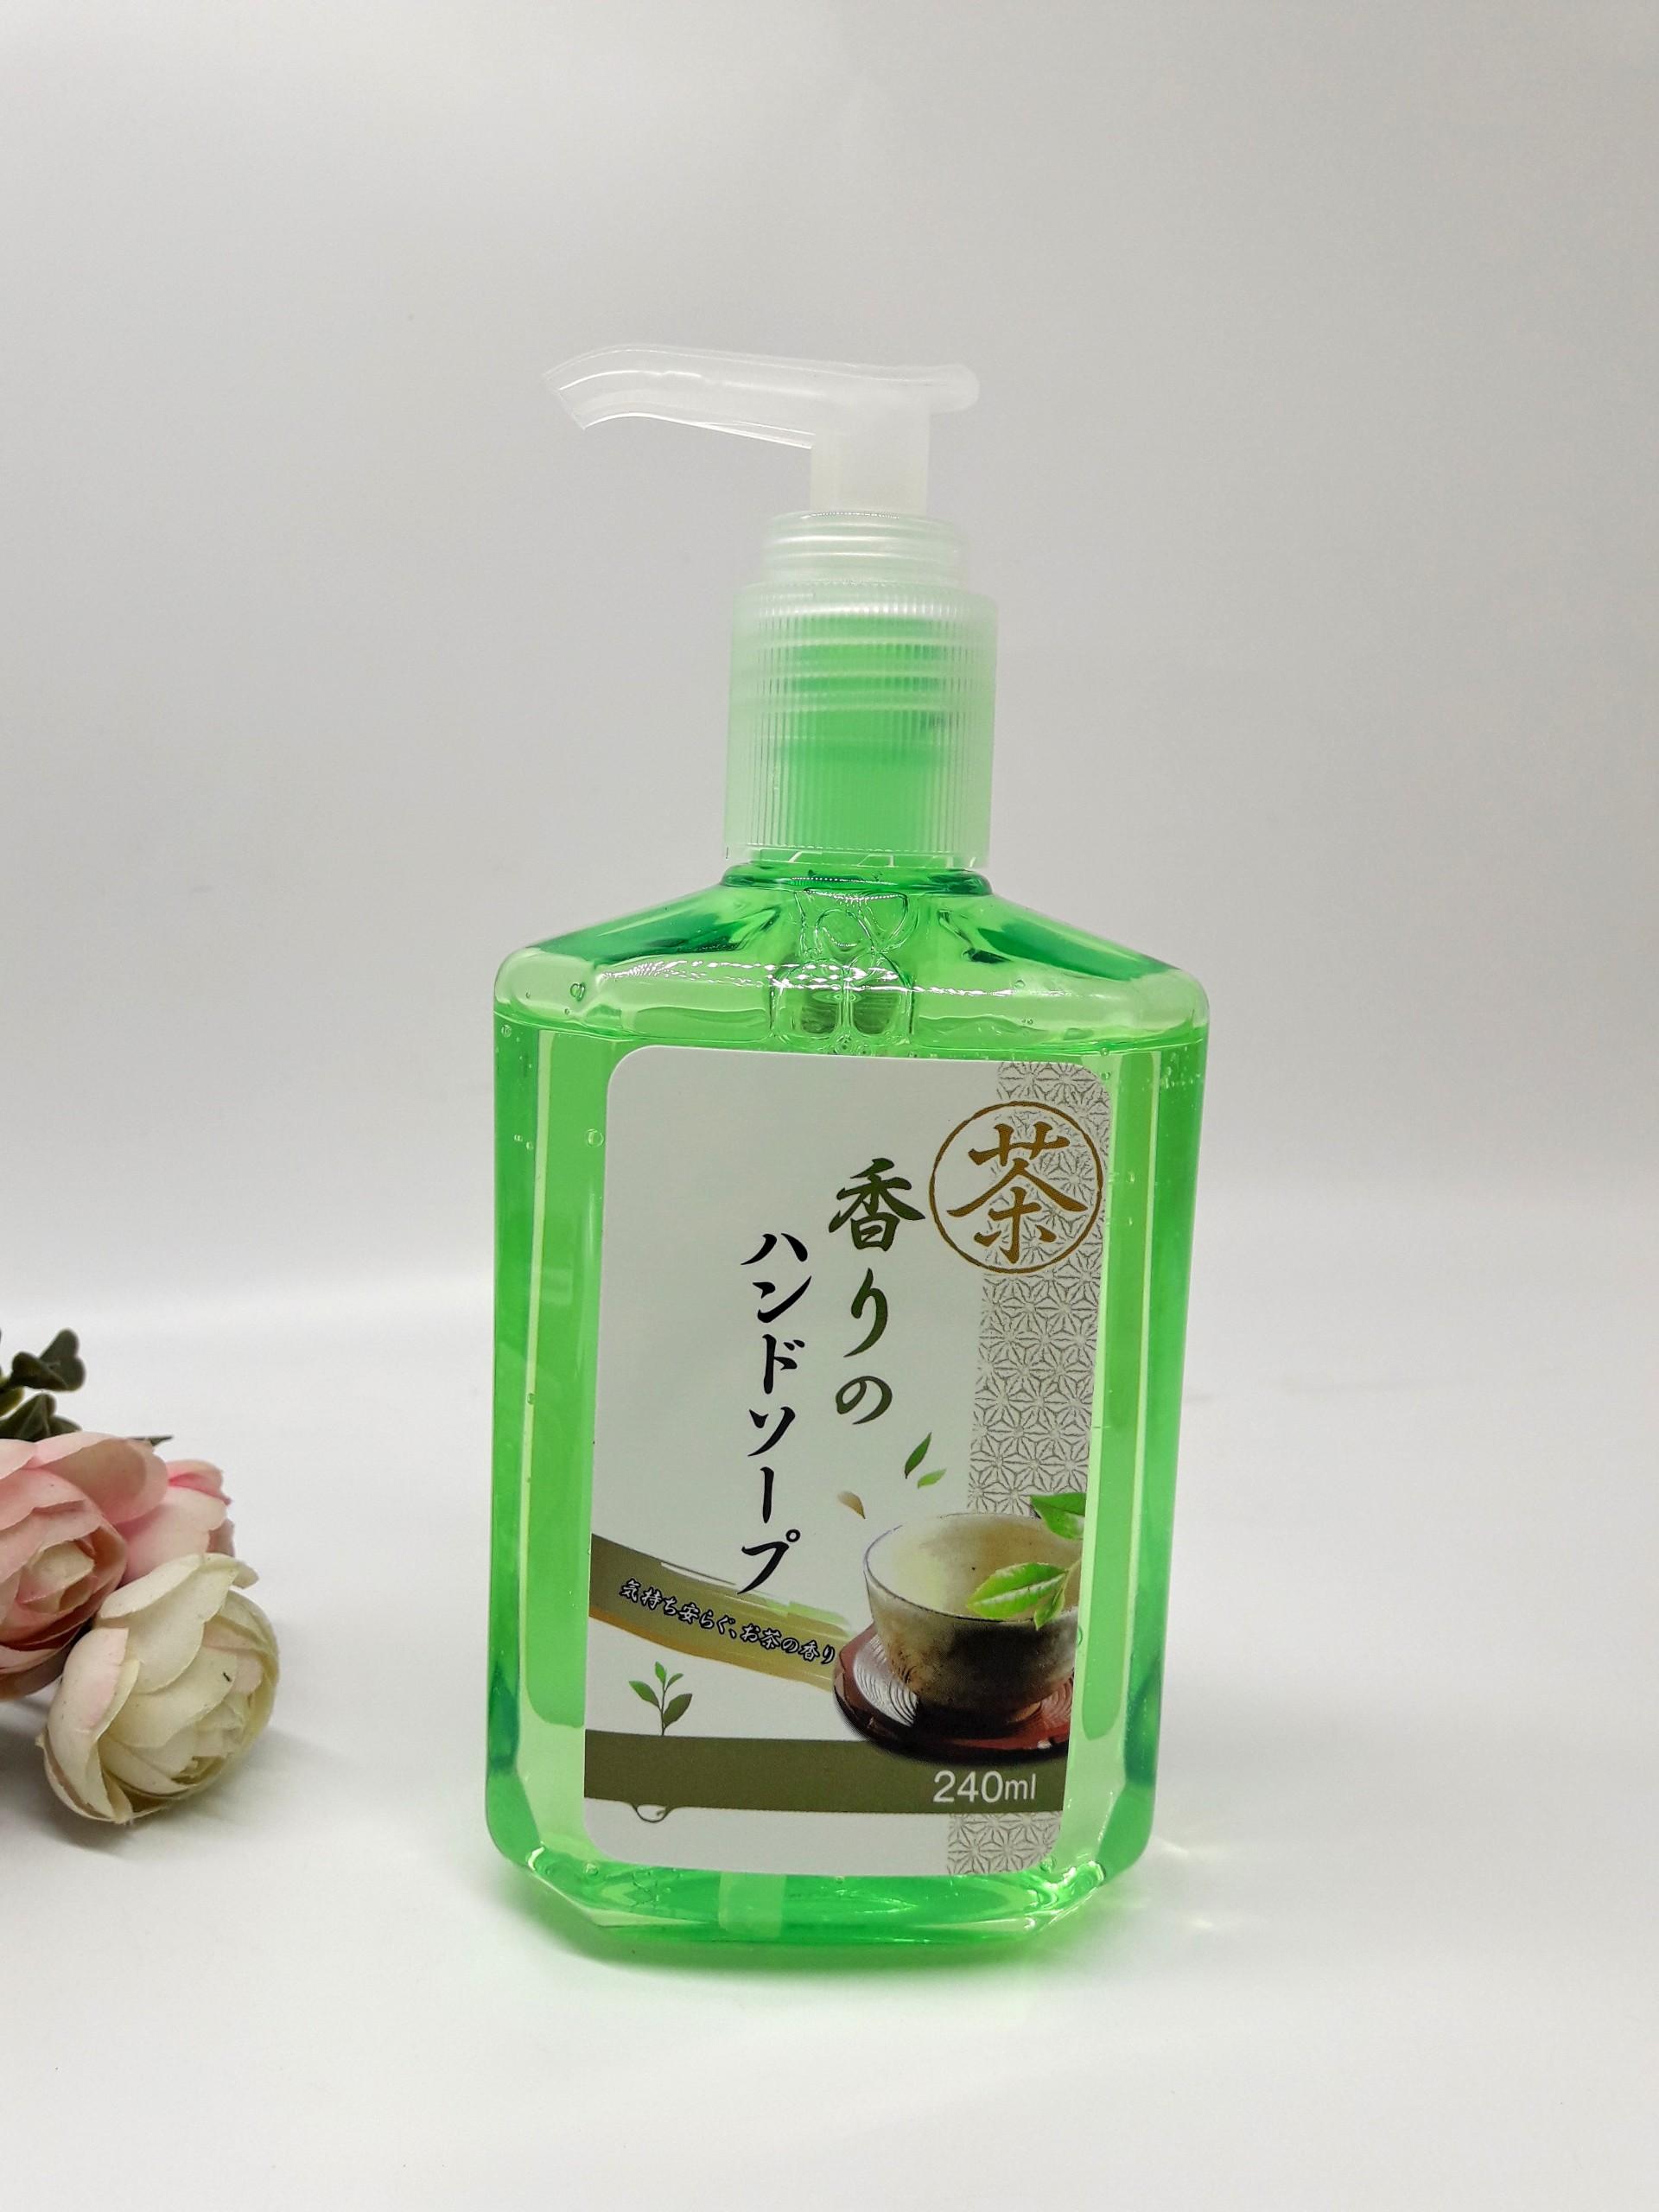 Sữa rửa tay diệt khuẩn hương trà xanh 240ml